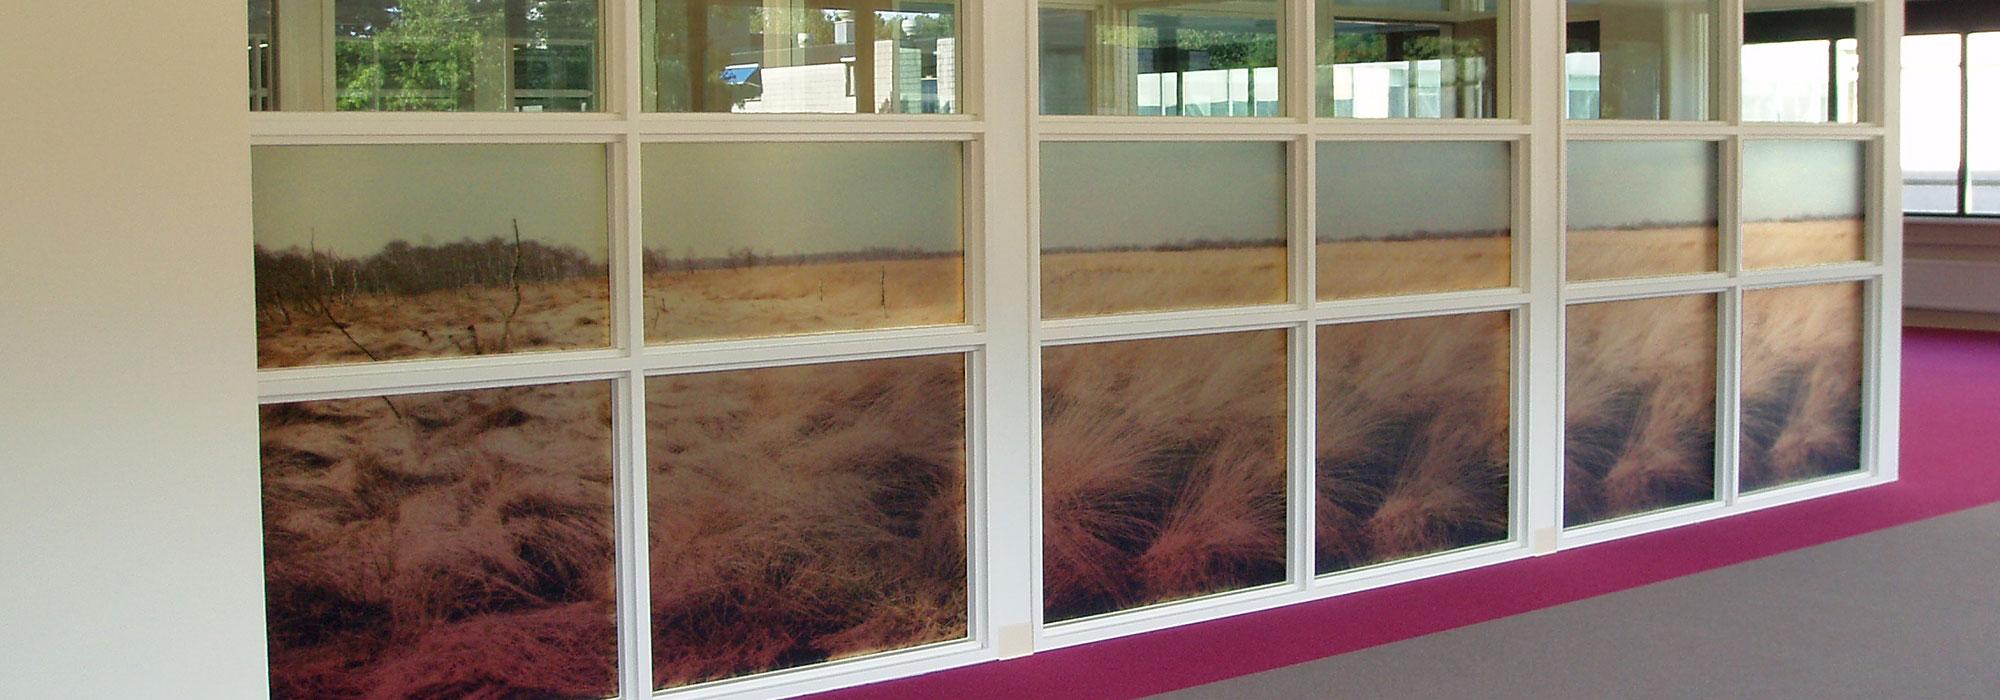 beedesign almere raamdecoraties indoor binnenreclame